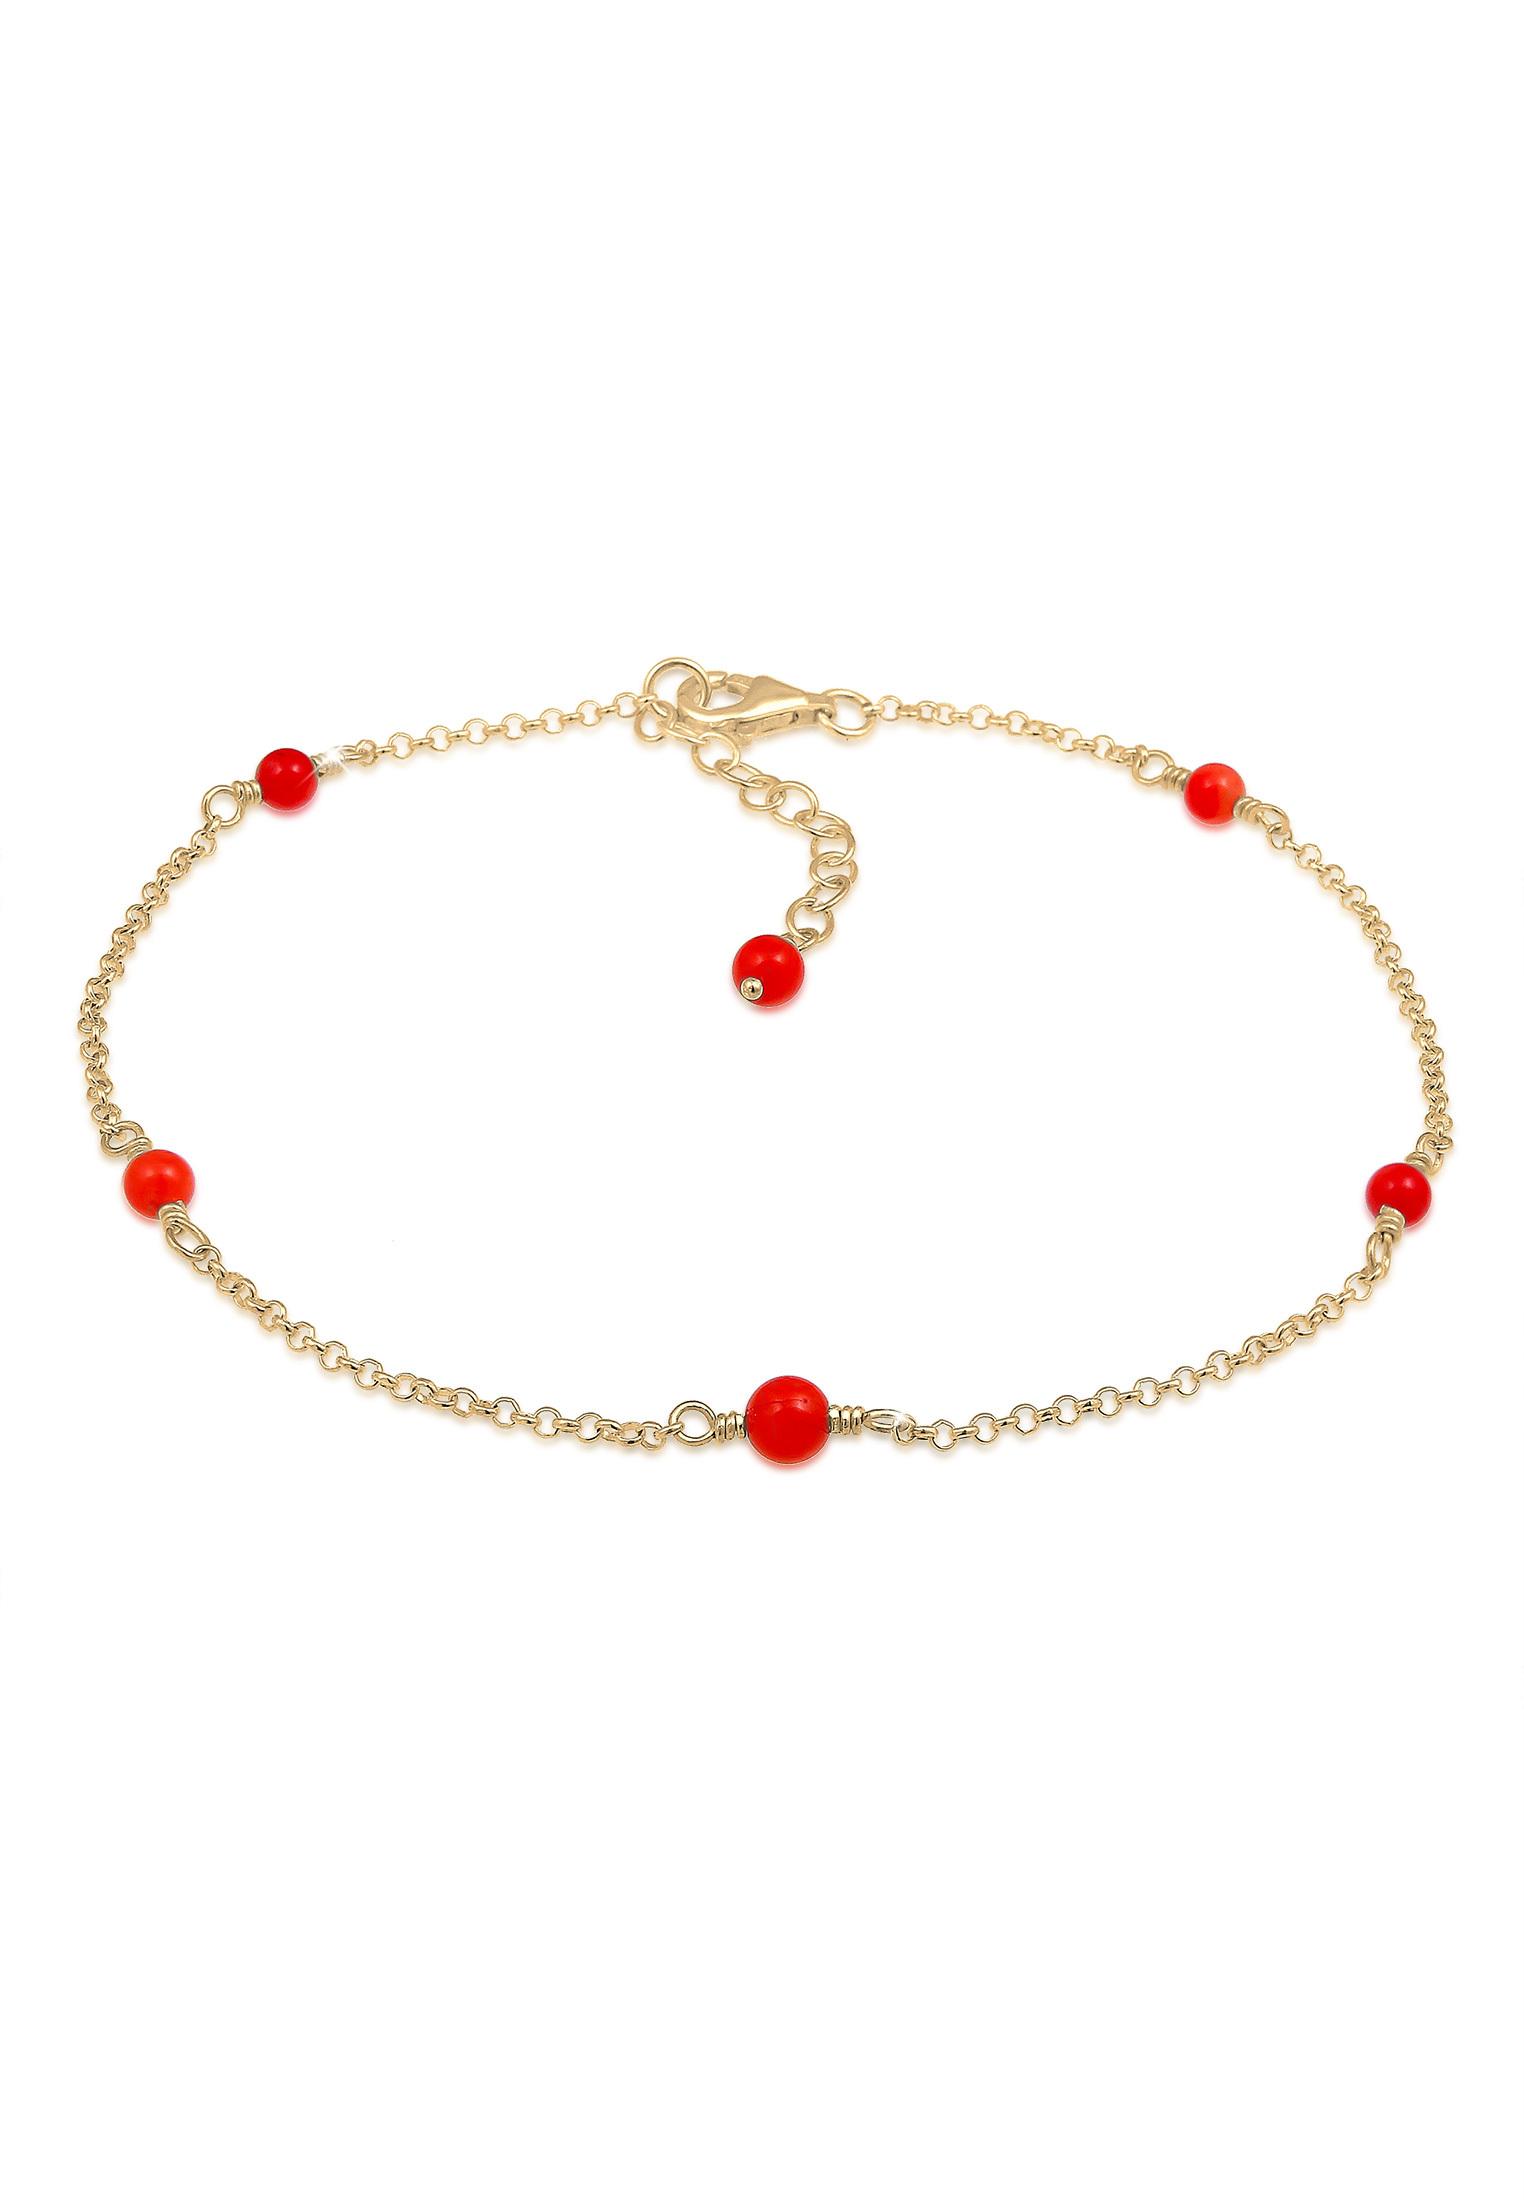 Fußkettchen Kugel | Koralle ( Rot ) | 925 Sterling Silber vergoldet